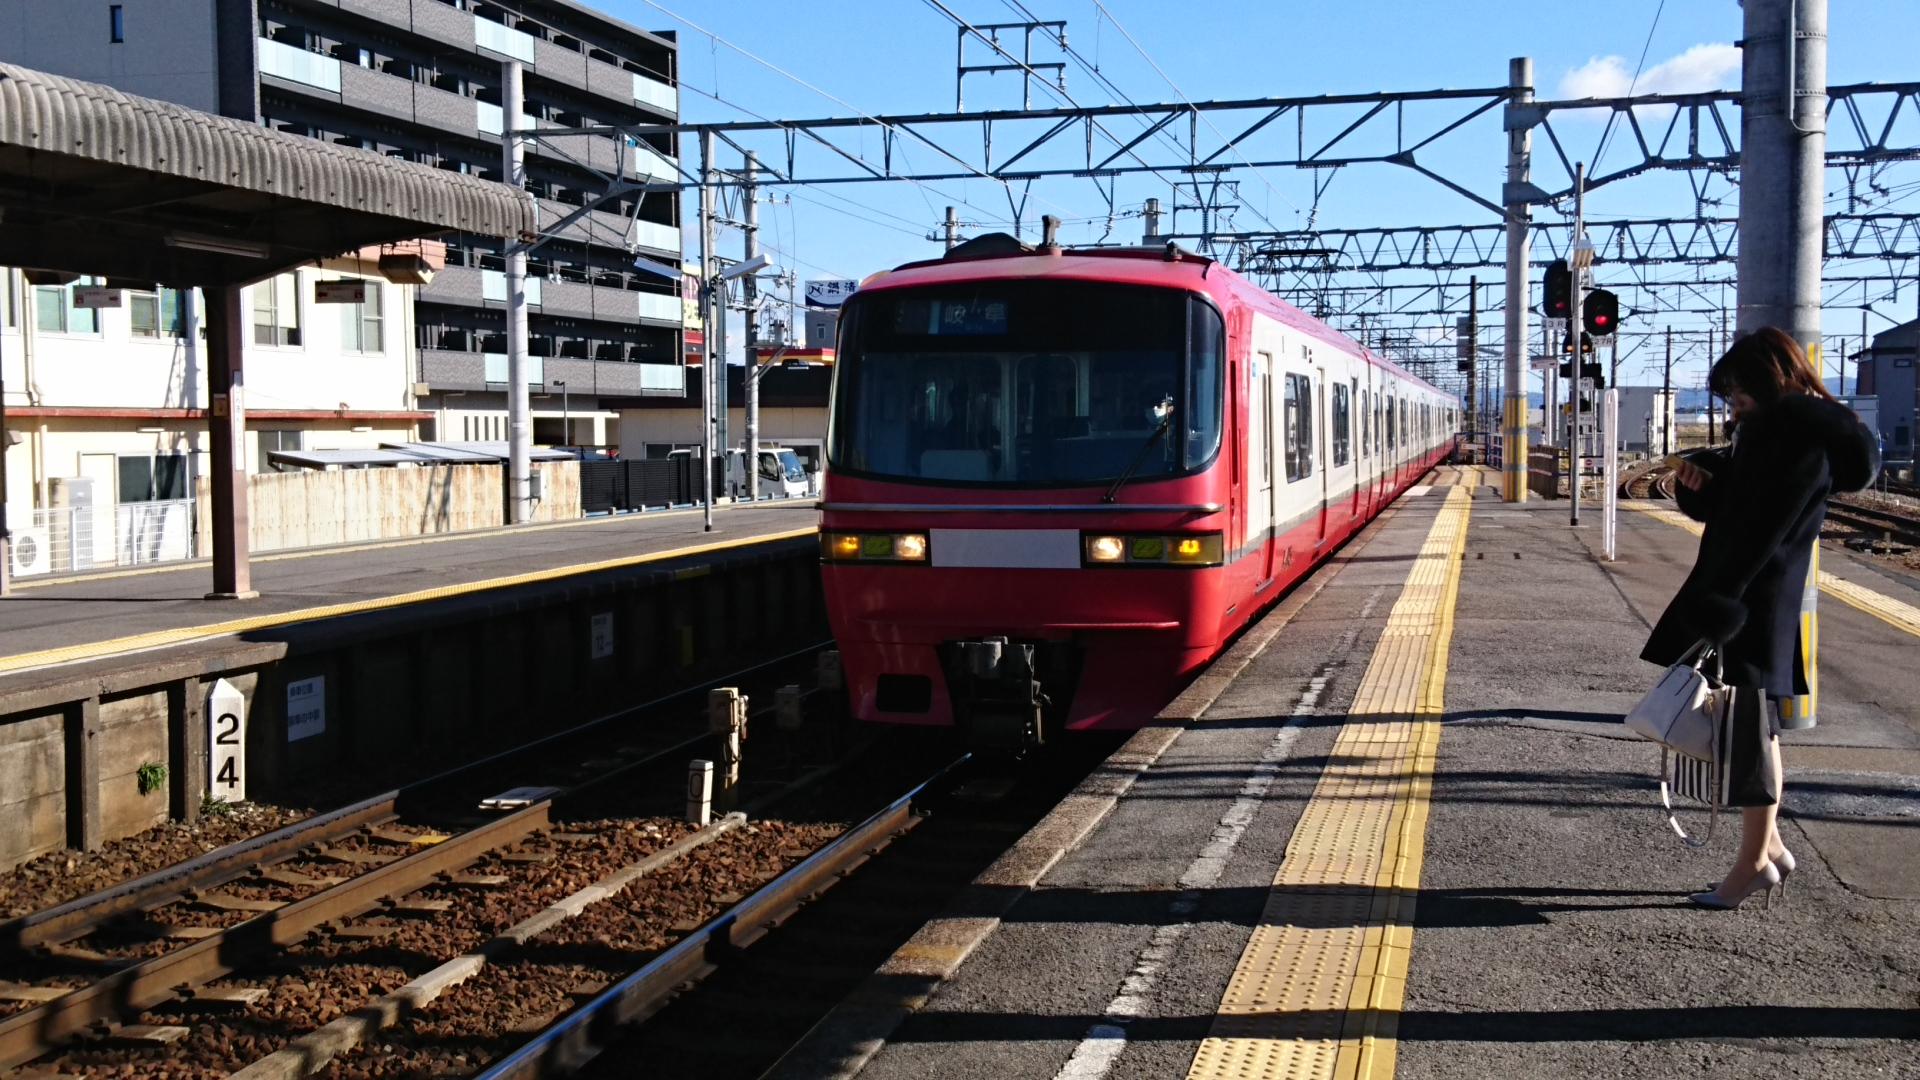 2018.1.3 名鉄 (5) しんあんじょう - 岐阜いき特急 1920-1080